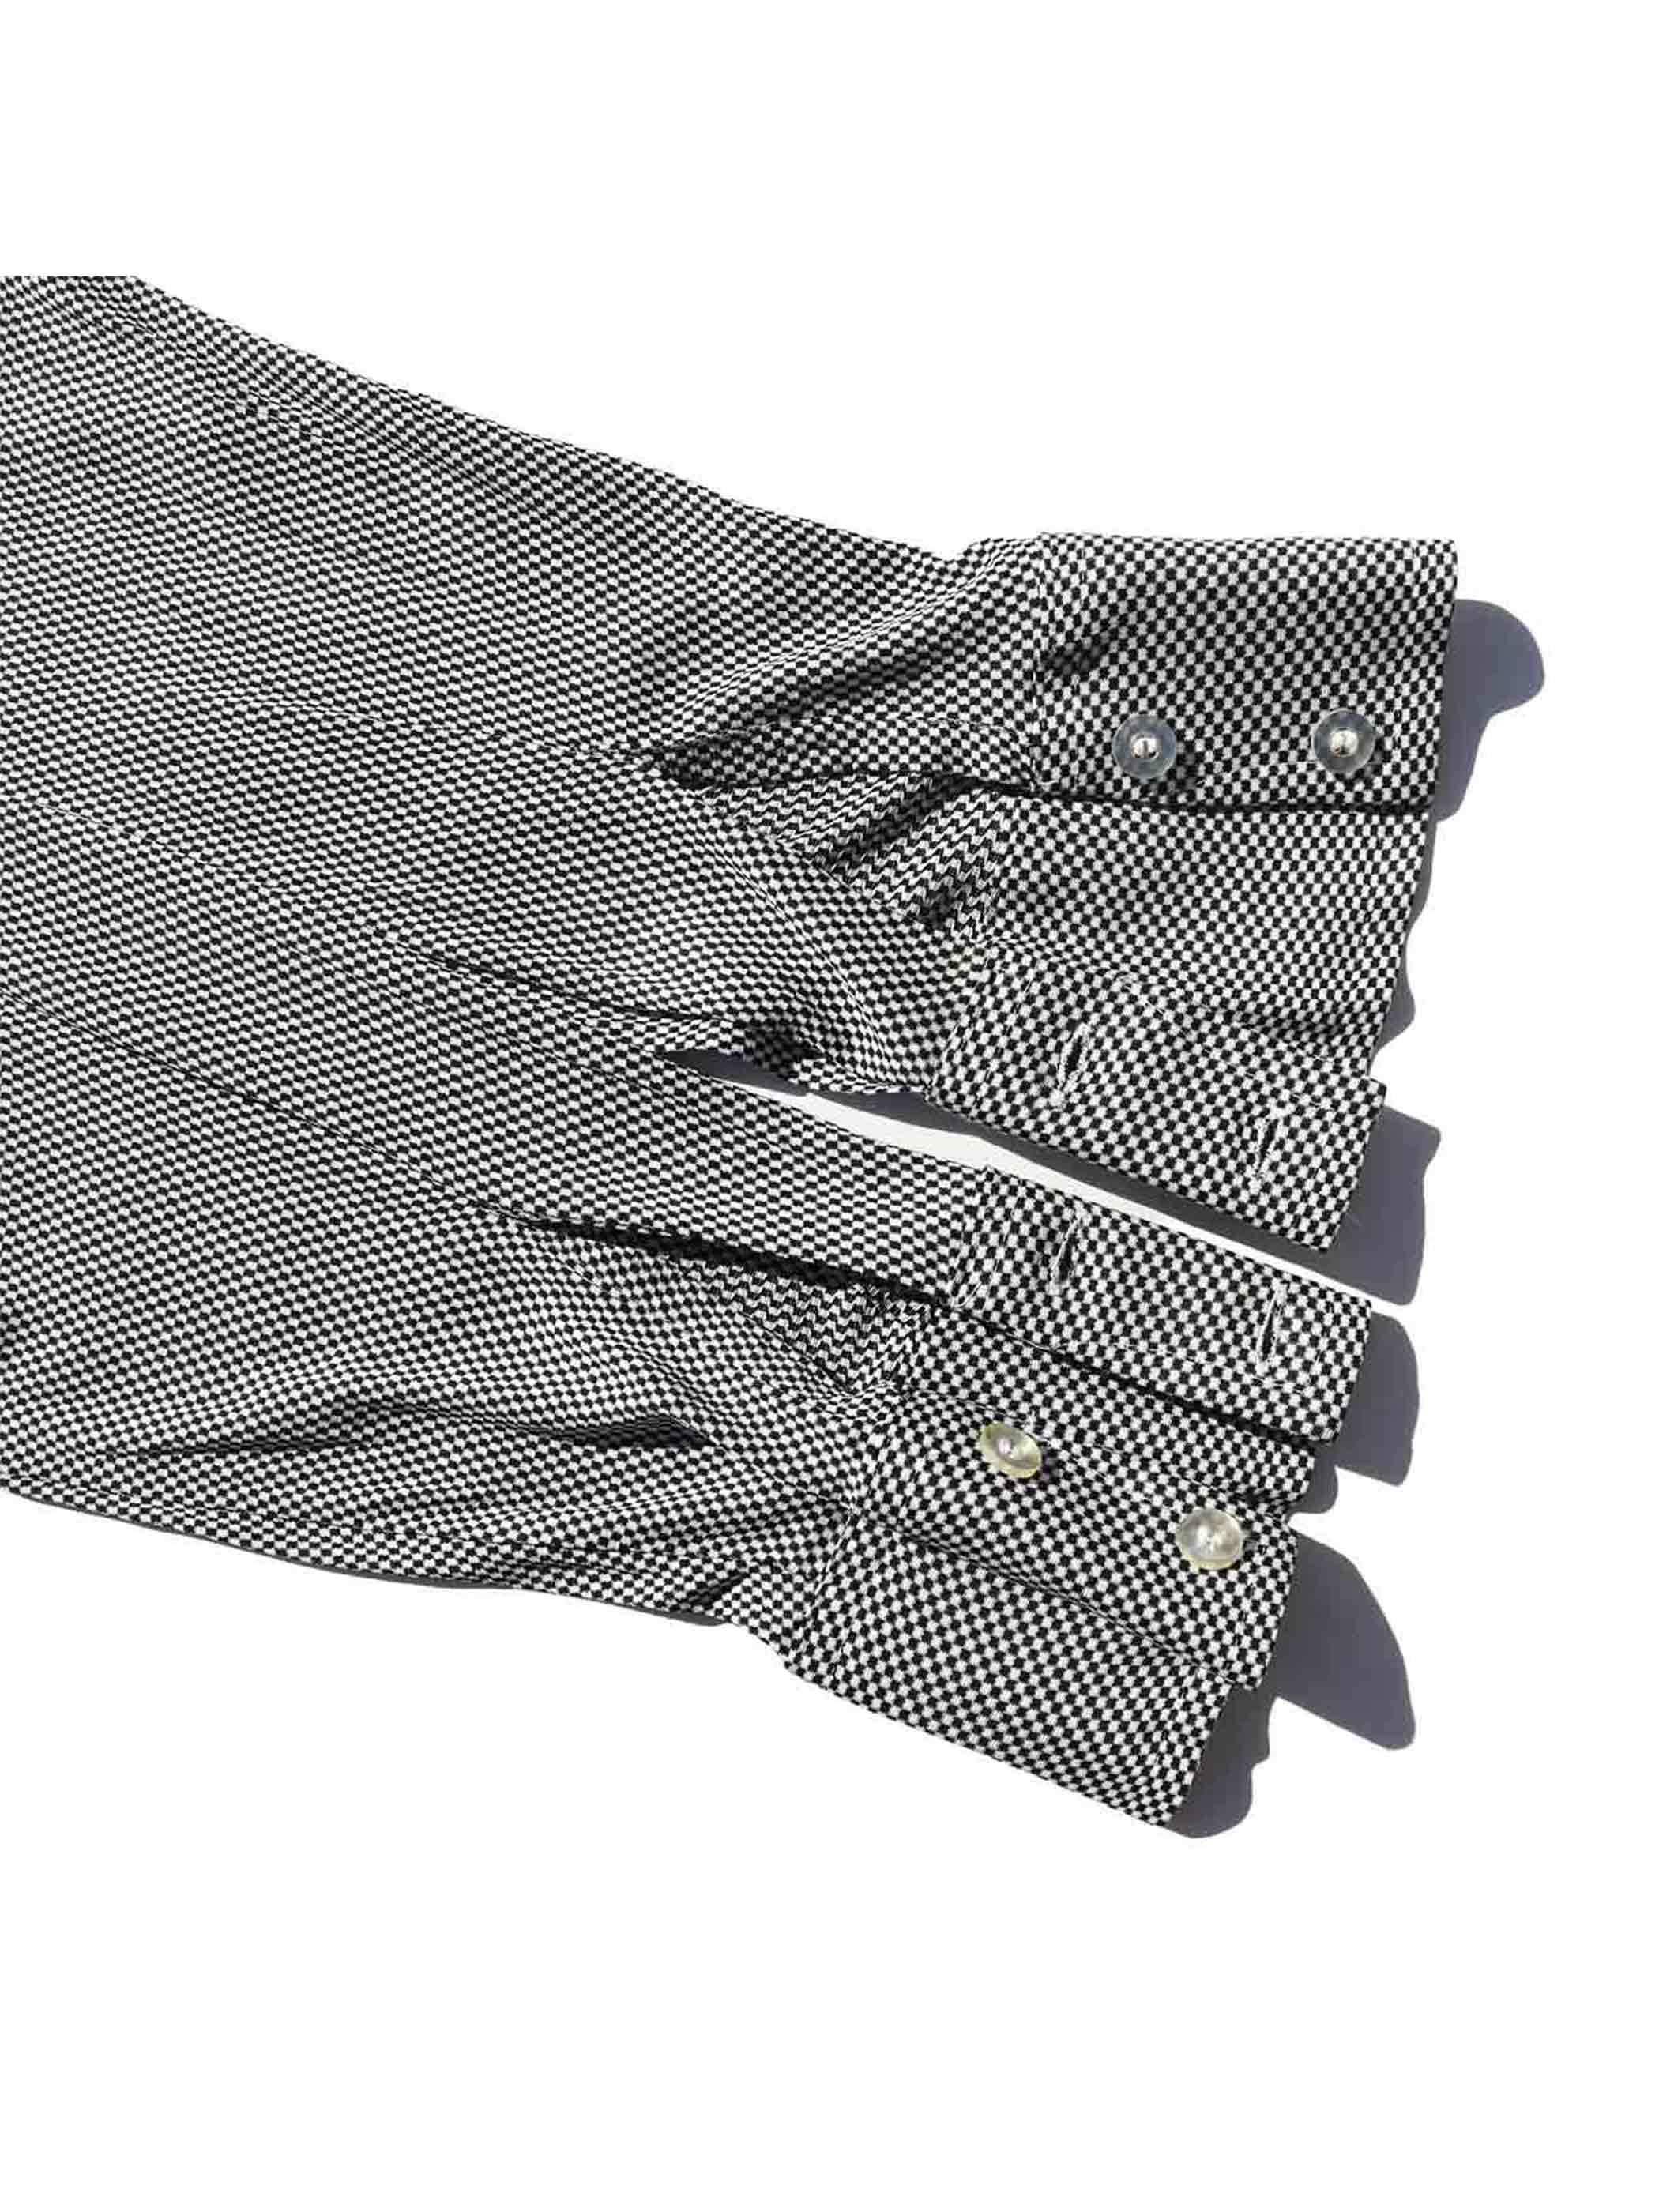 70's MONTICELLO マイクロチェッカーフラッグパターン L/Sシャツ [16-1/2]